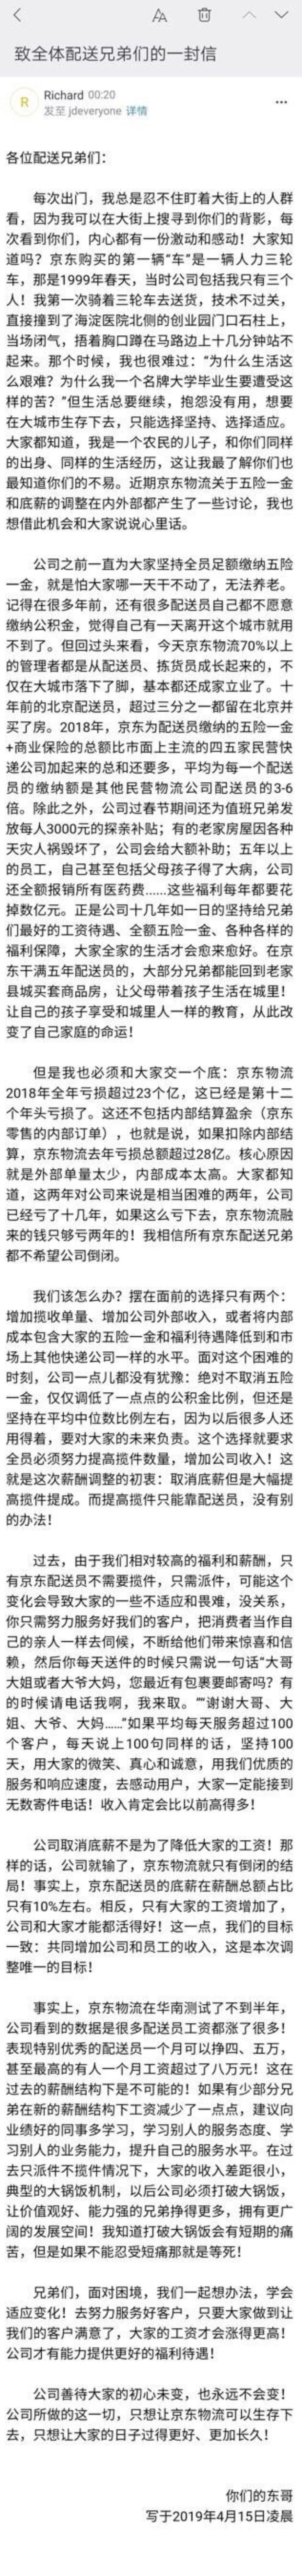 网传刘强东内部邮件:一切都是为让京东物流生存下去 最新资讯 第2张